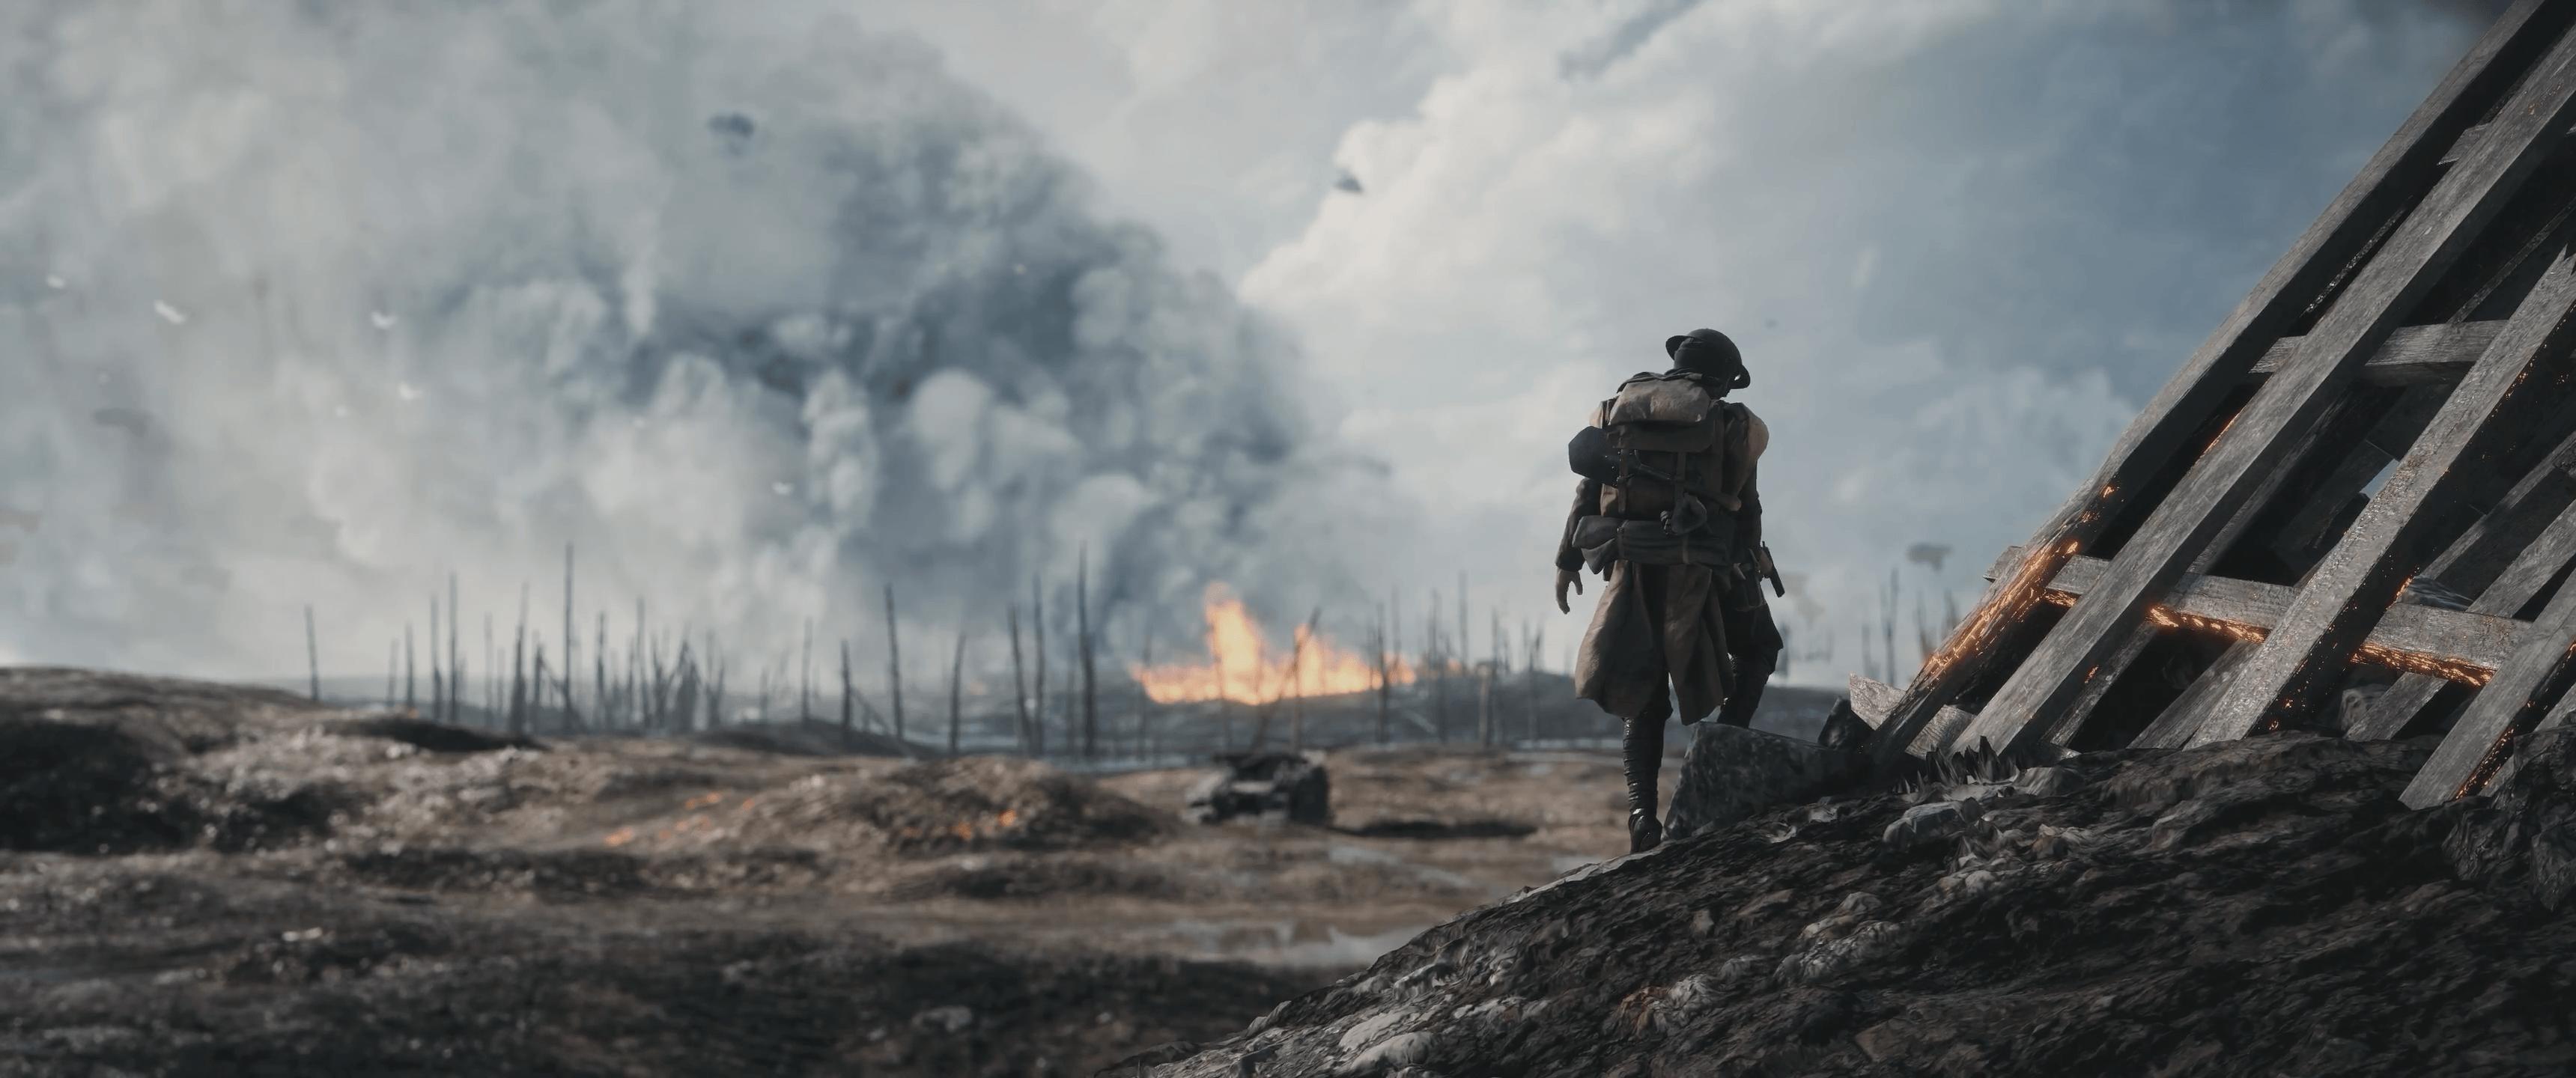 Battlefield 1 4k Ultra Tapeta Hd: Battlefield 1 Wallpapers